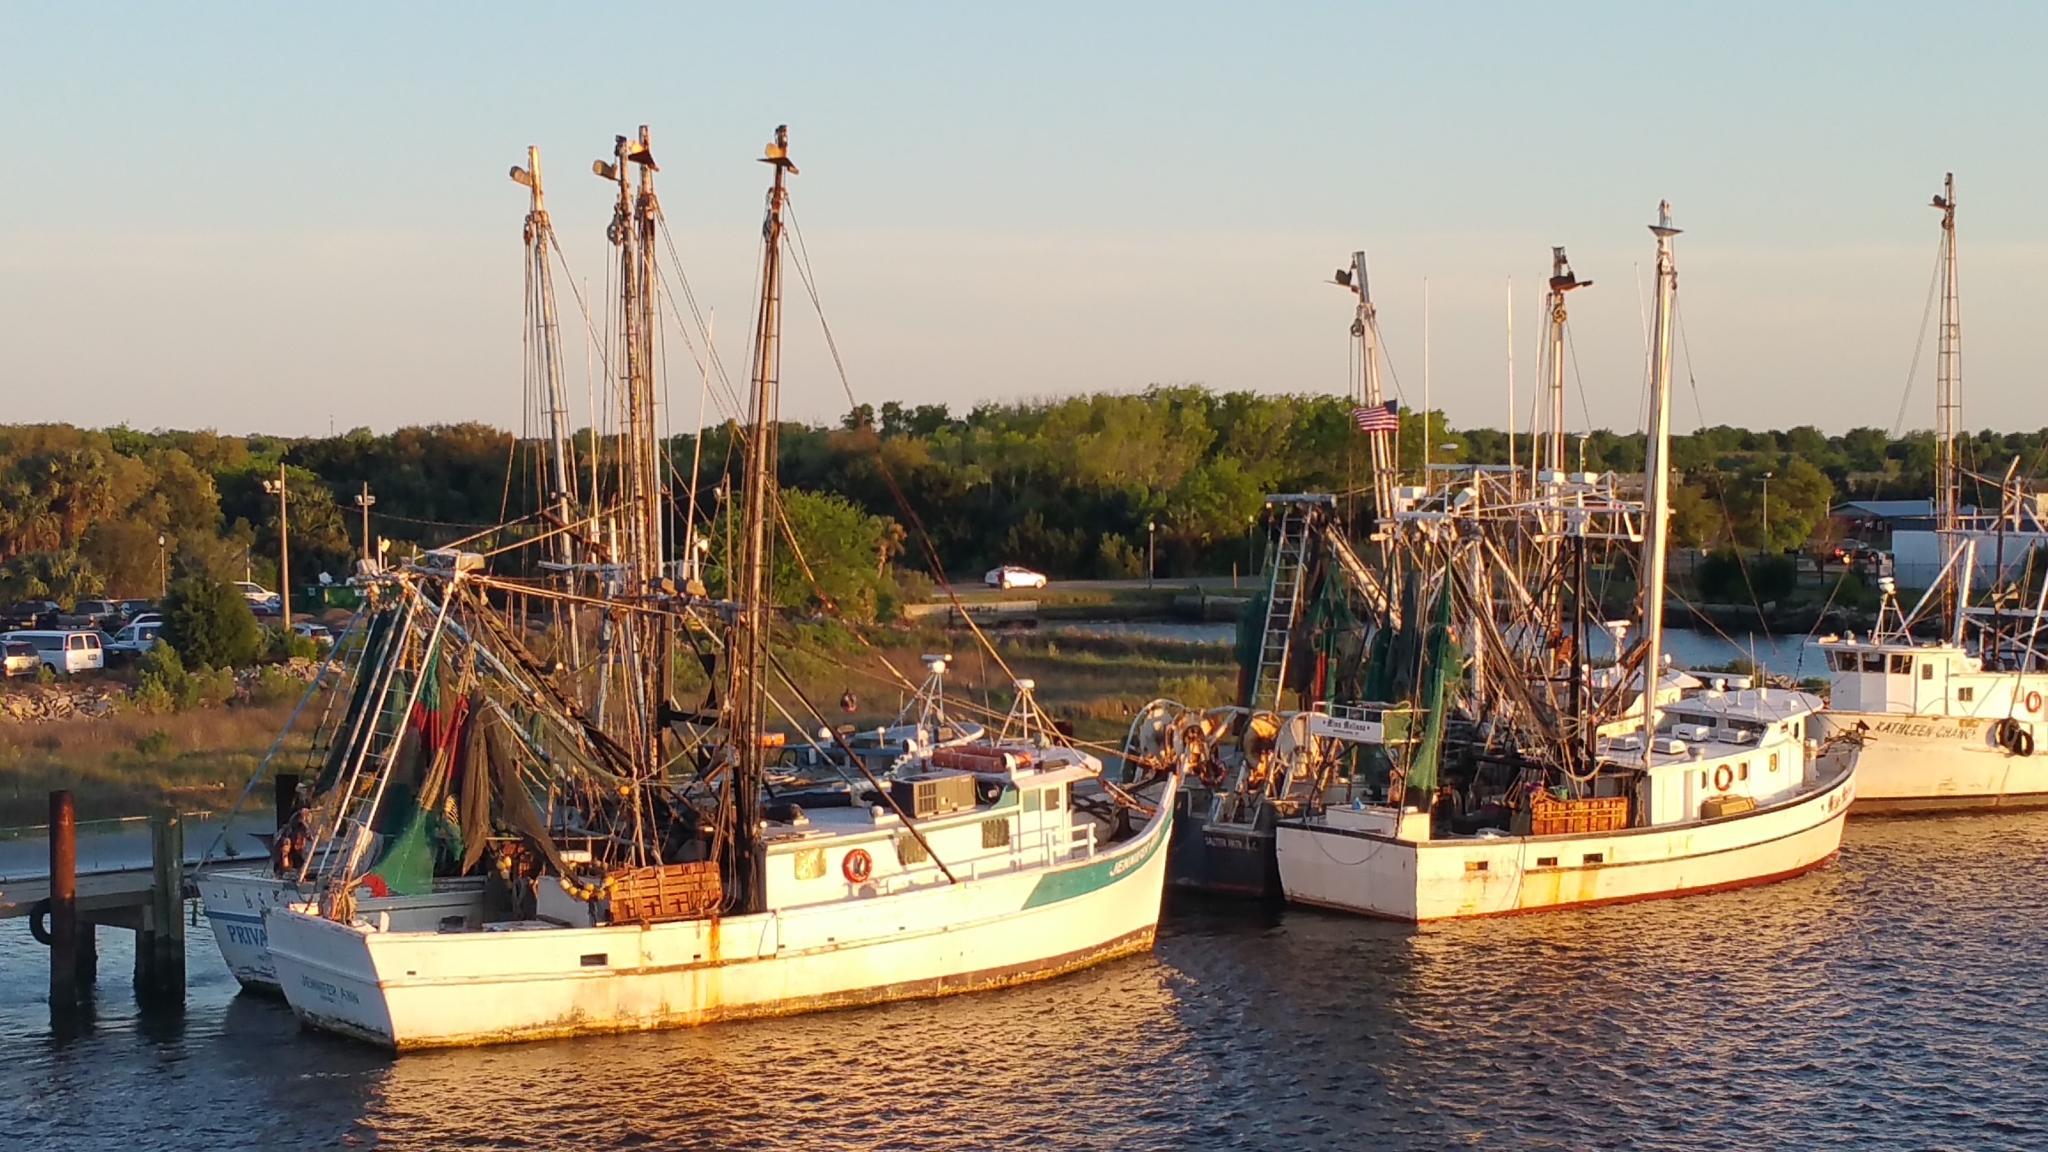 Boats at Mayport Village  by aida.carpena